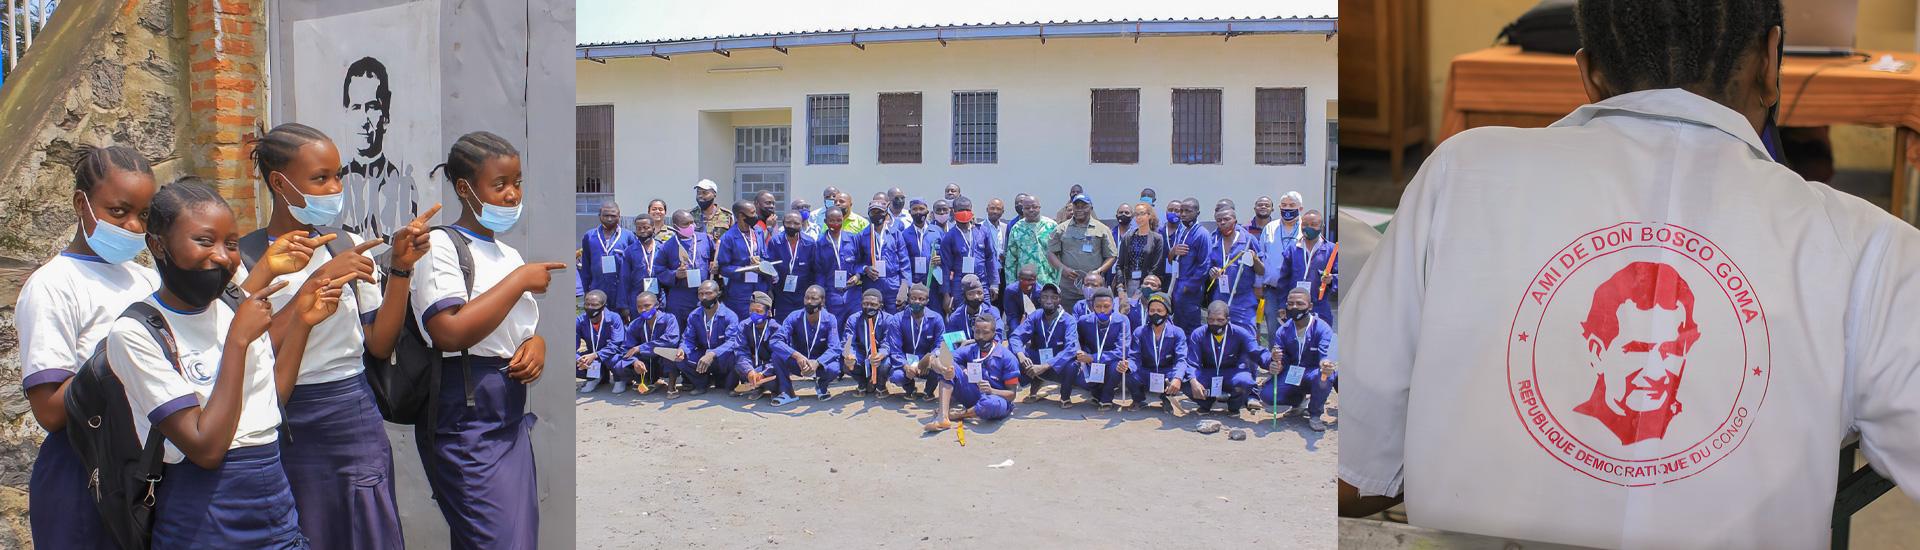 La obra salesiana de Don Bosco Ngangi, en RD Congo, contribuye a la pacificación de la región de Kivu